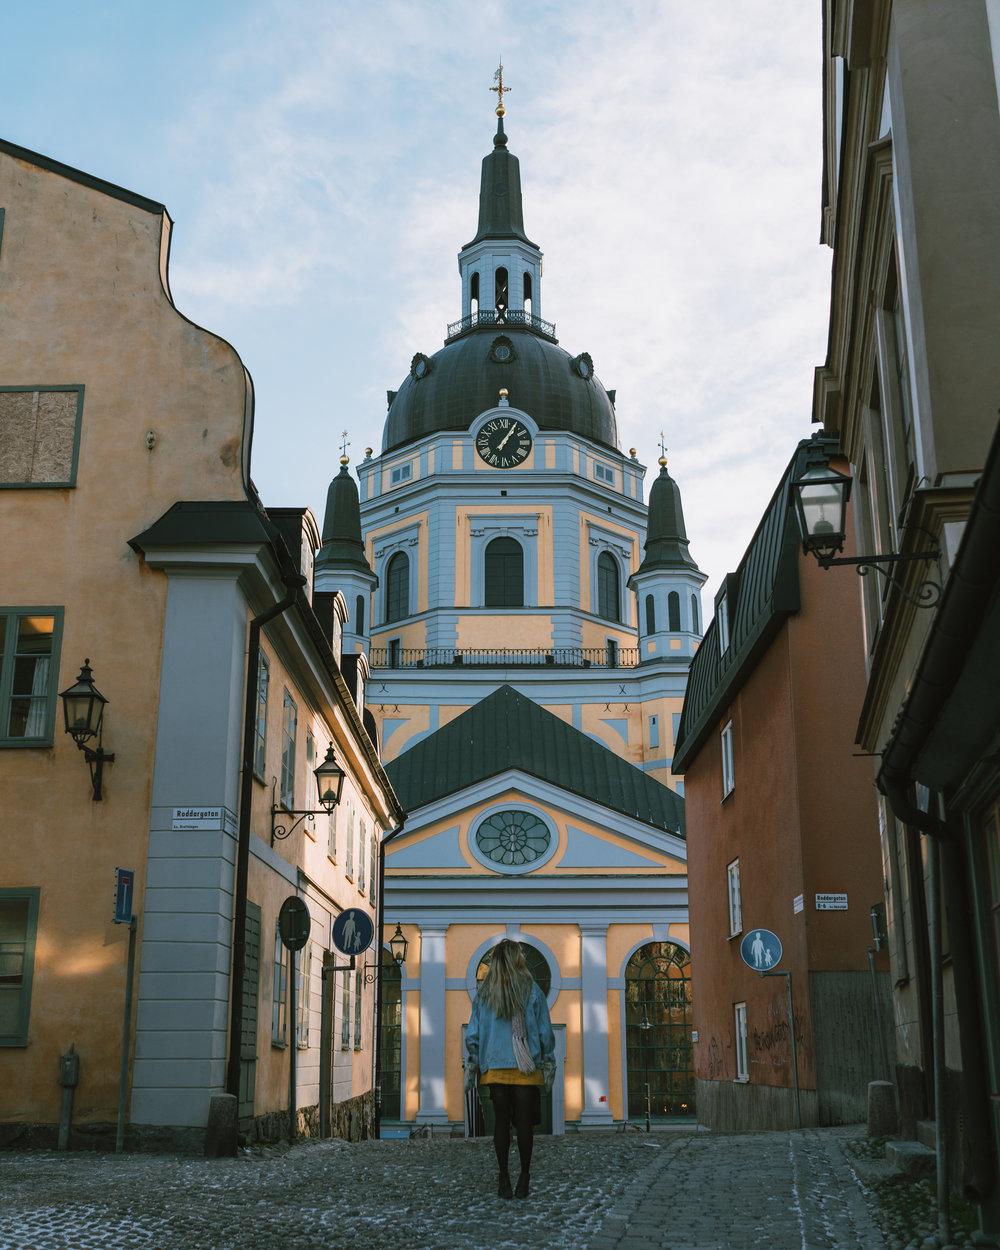 södermalm+katarina kyrka